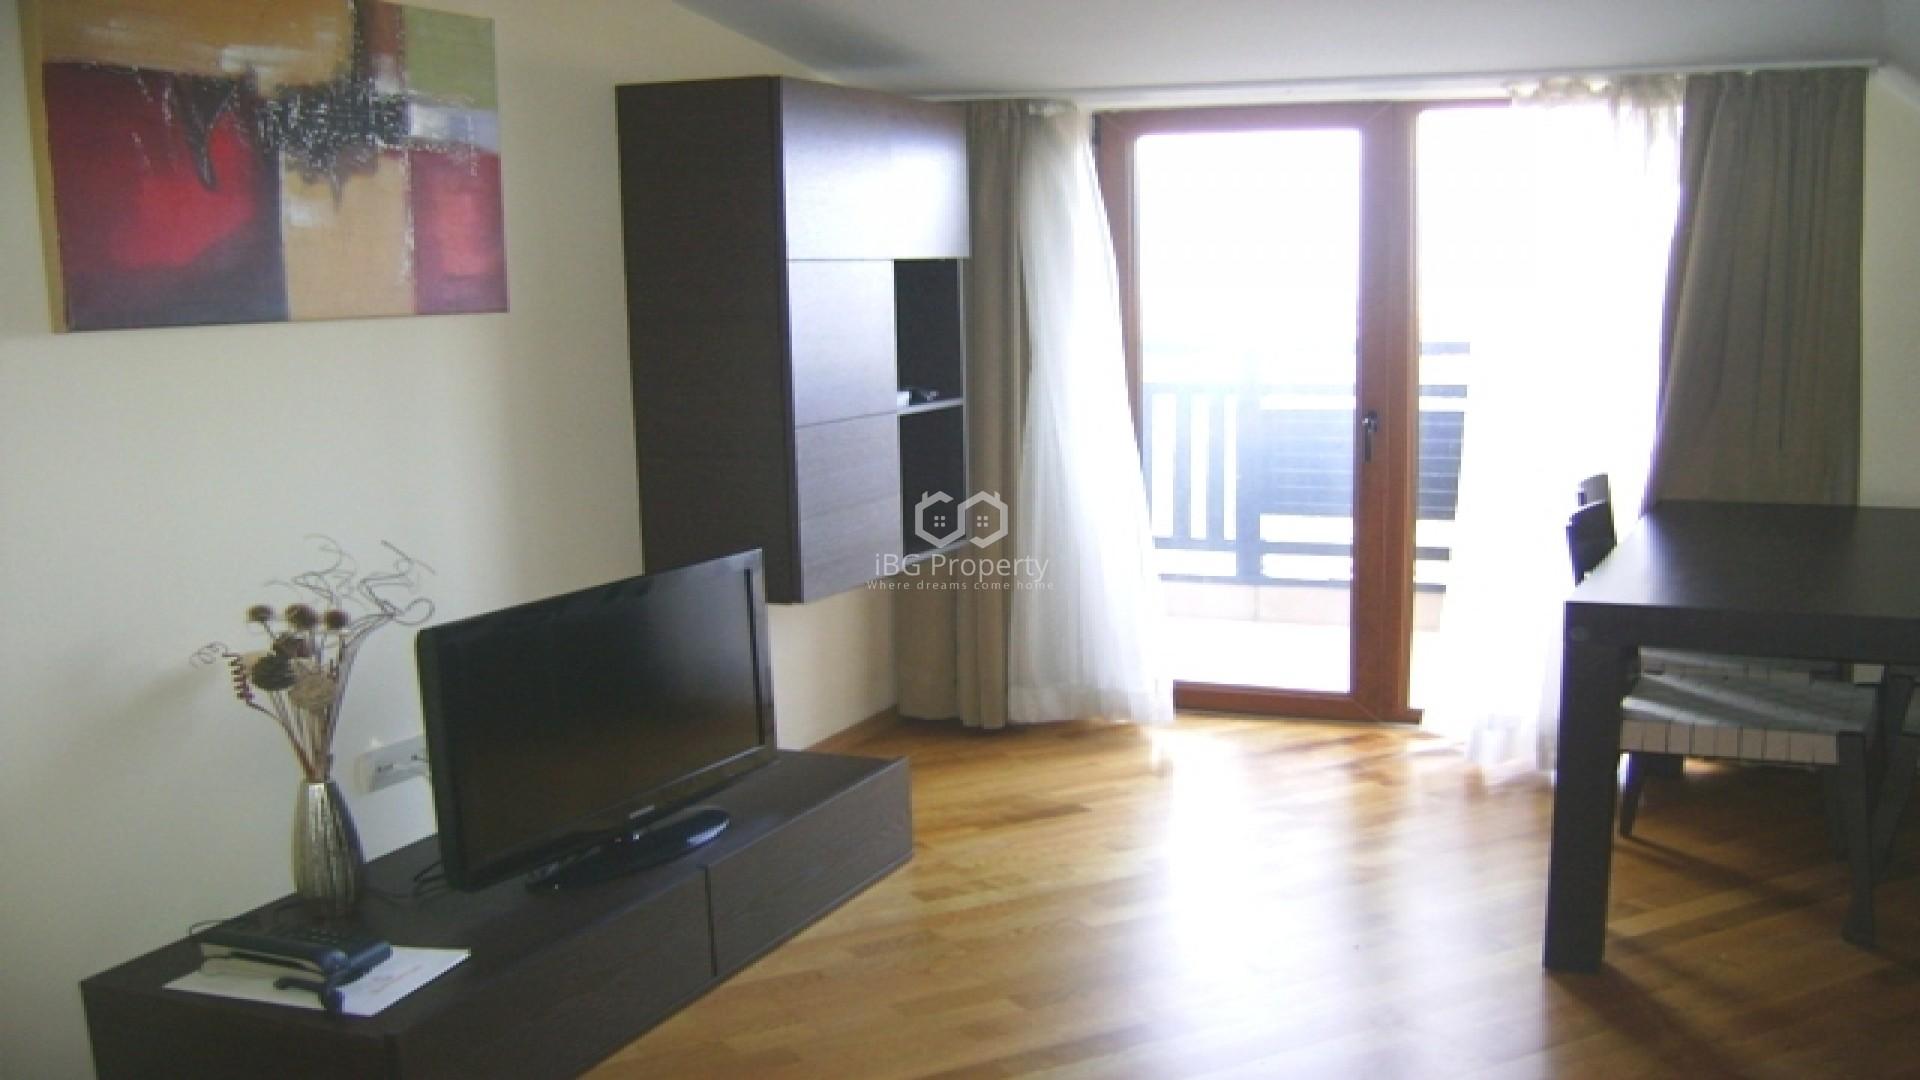 Трехкомнатная квартира Банско 94 m2